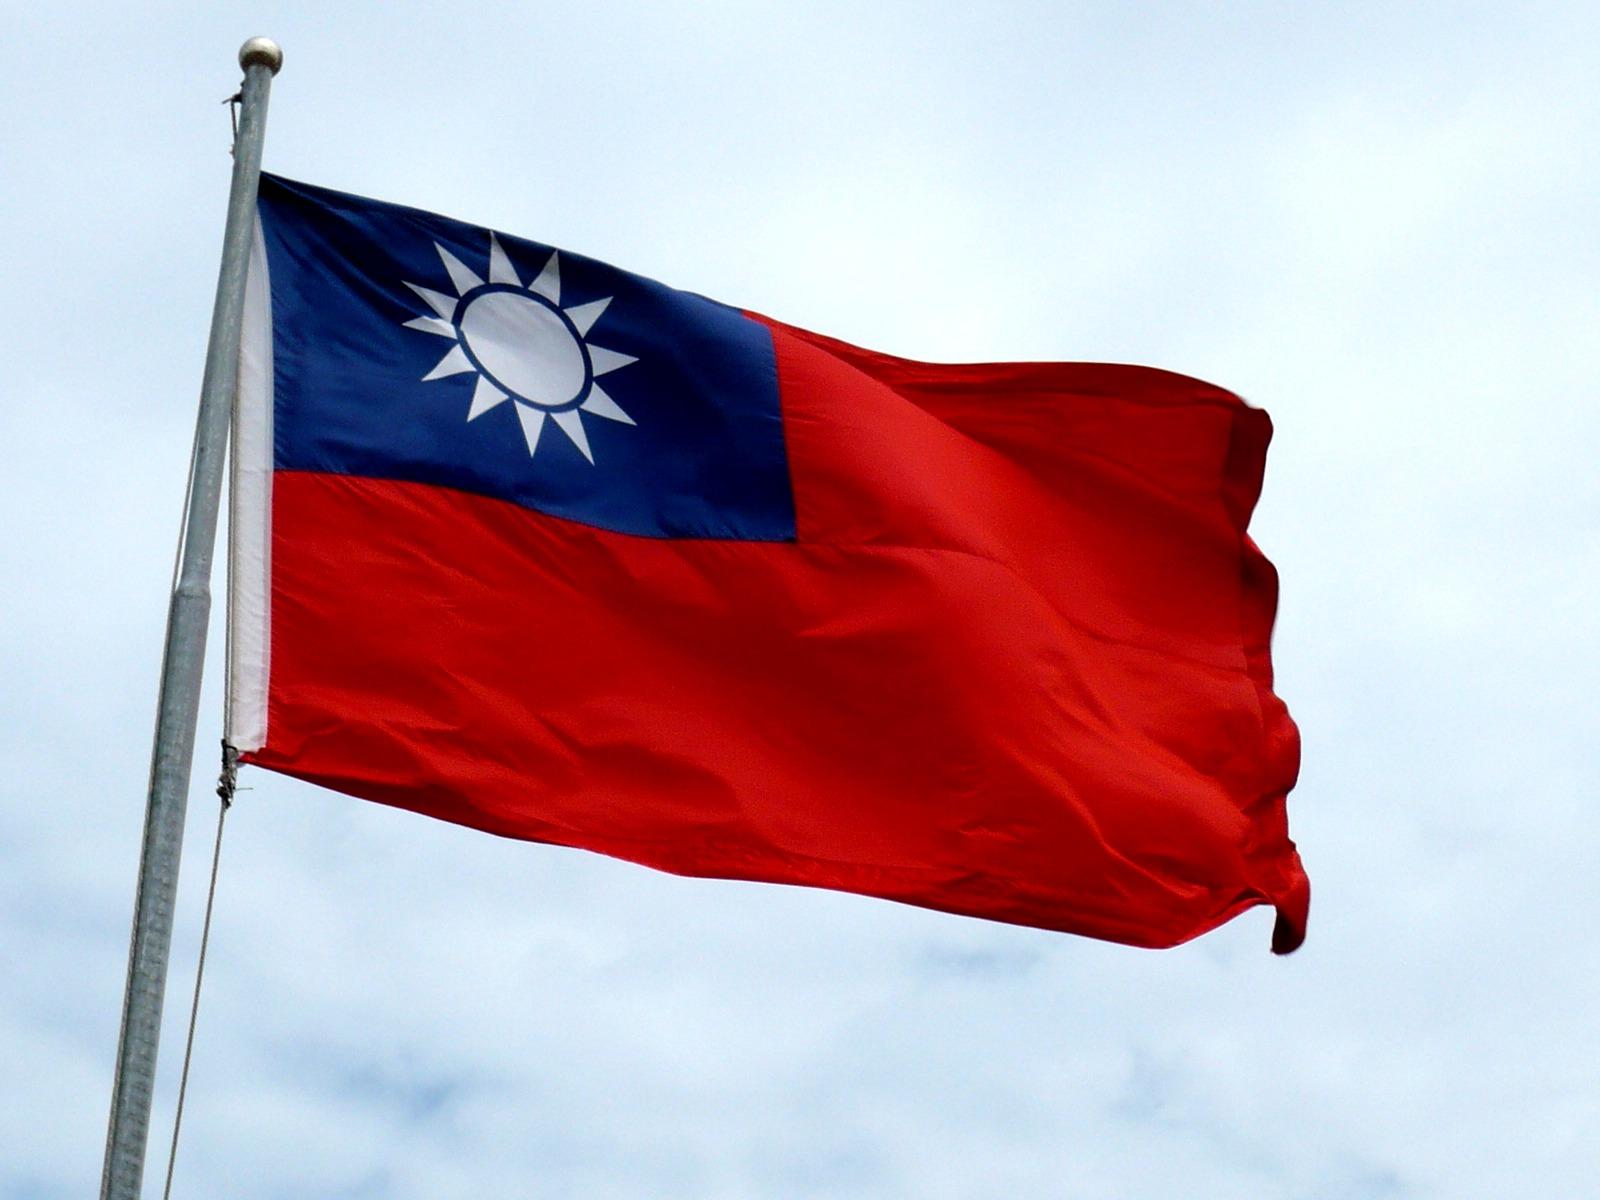 【立此存照】MH370纪录片因出现青天白日满地红旗而下架